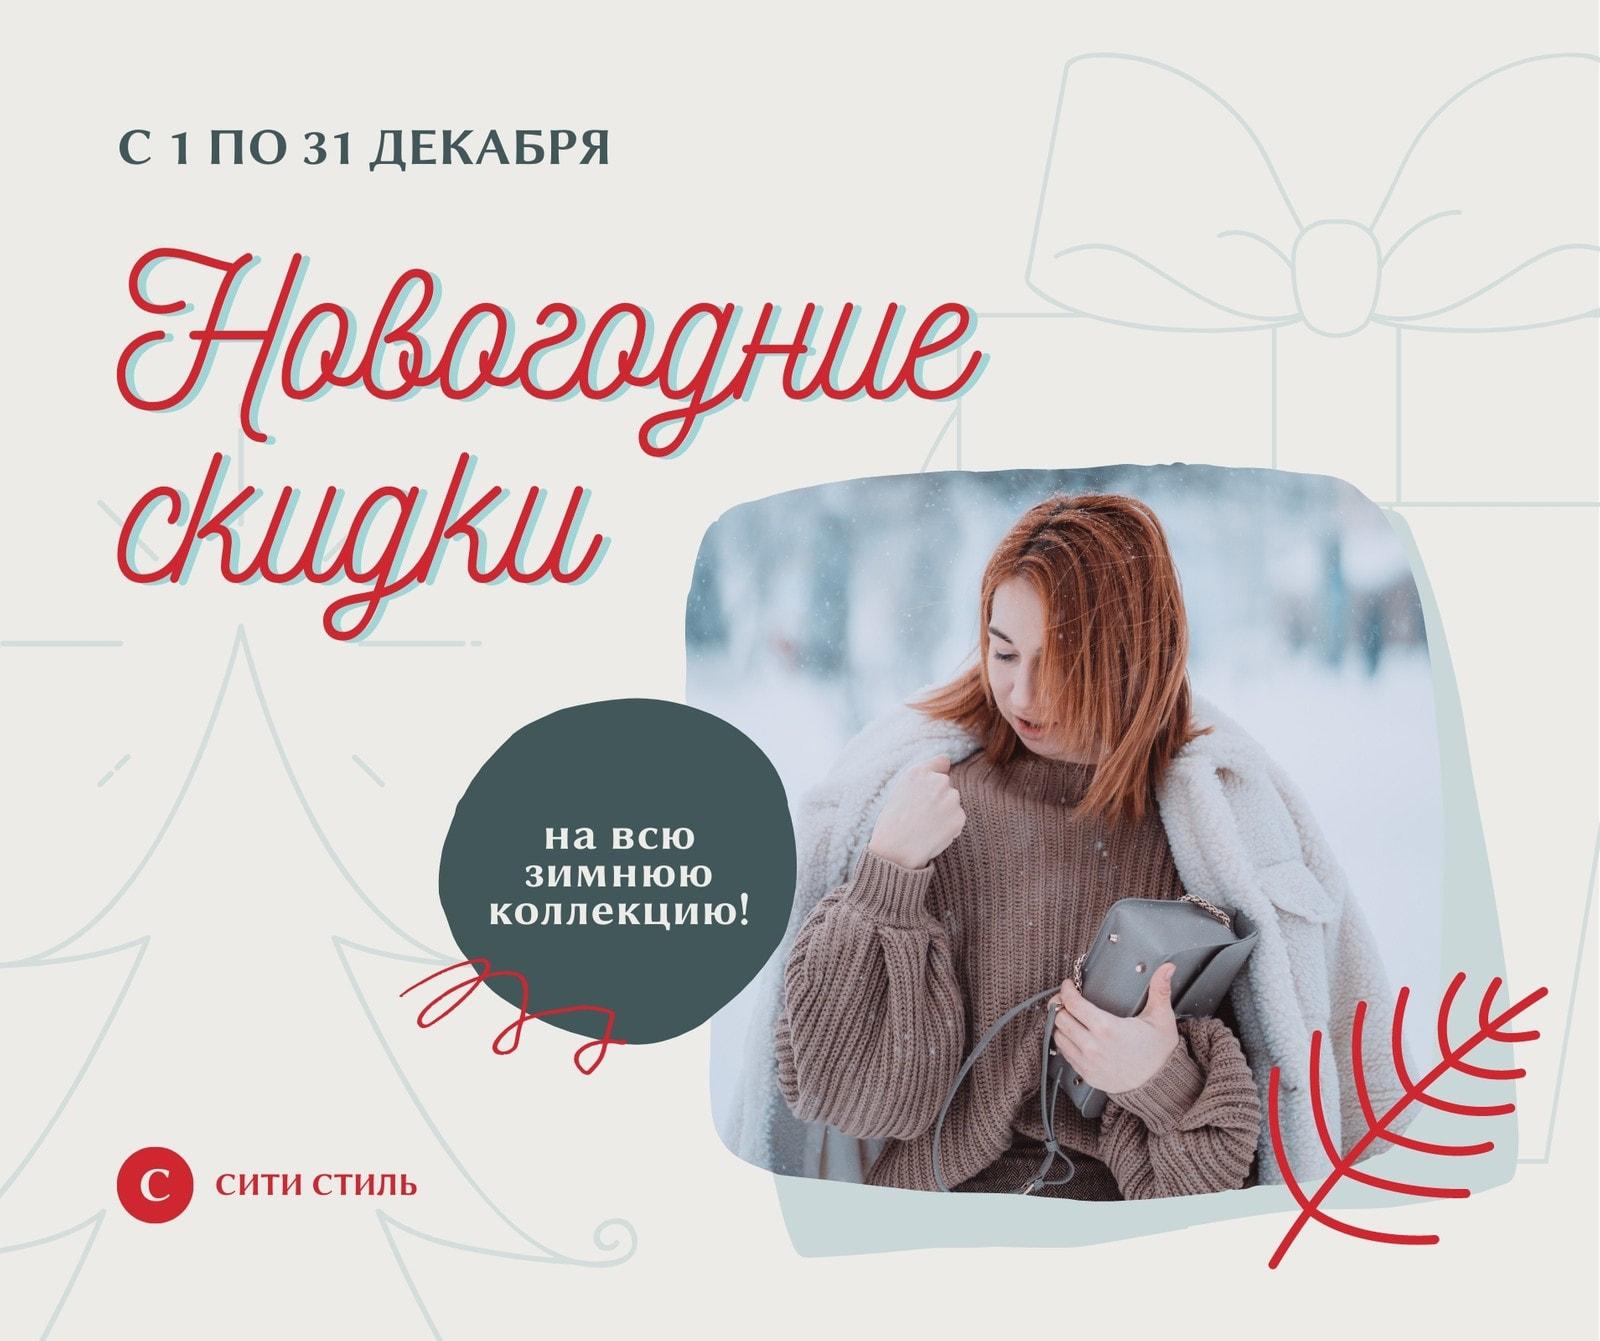 Красная и белая новогодняя публикация в Facebook с фотографией девушки  и зимними рисунками